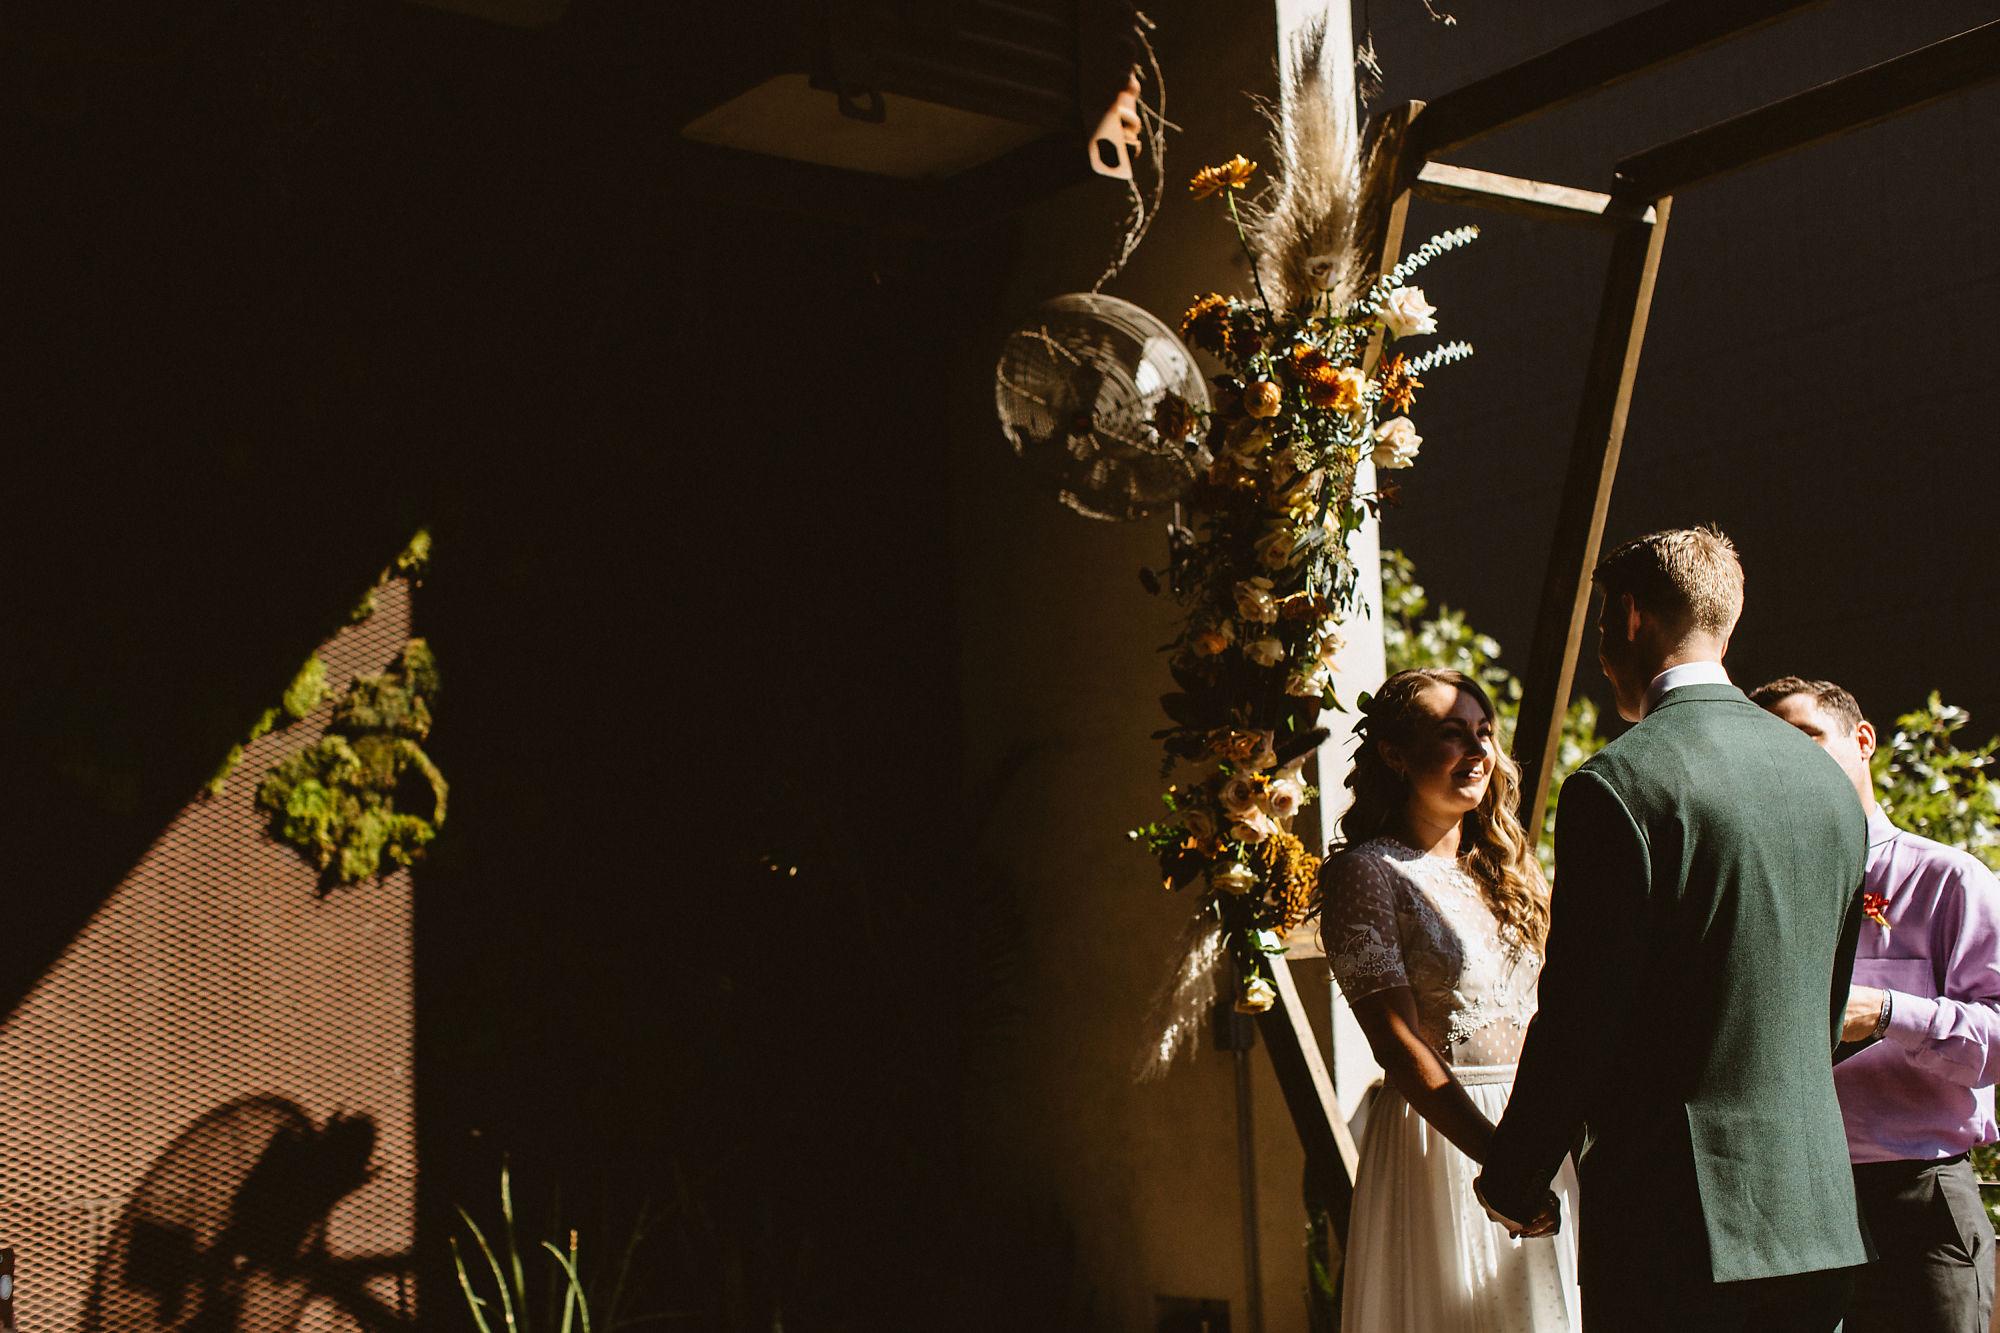 amber_cameron_malverde_wedding_photos114604.jpg